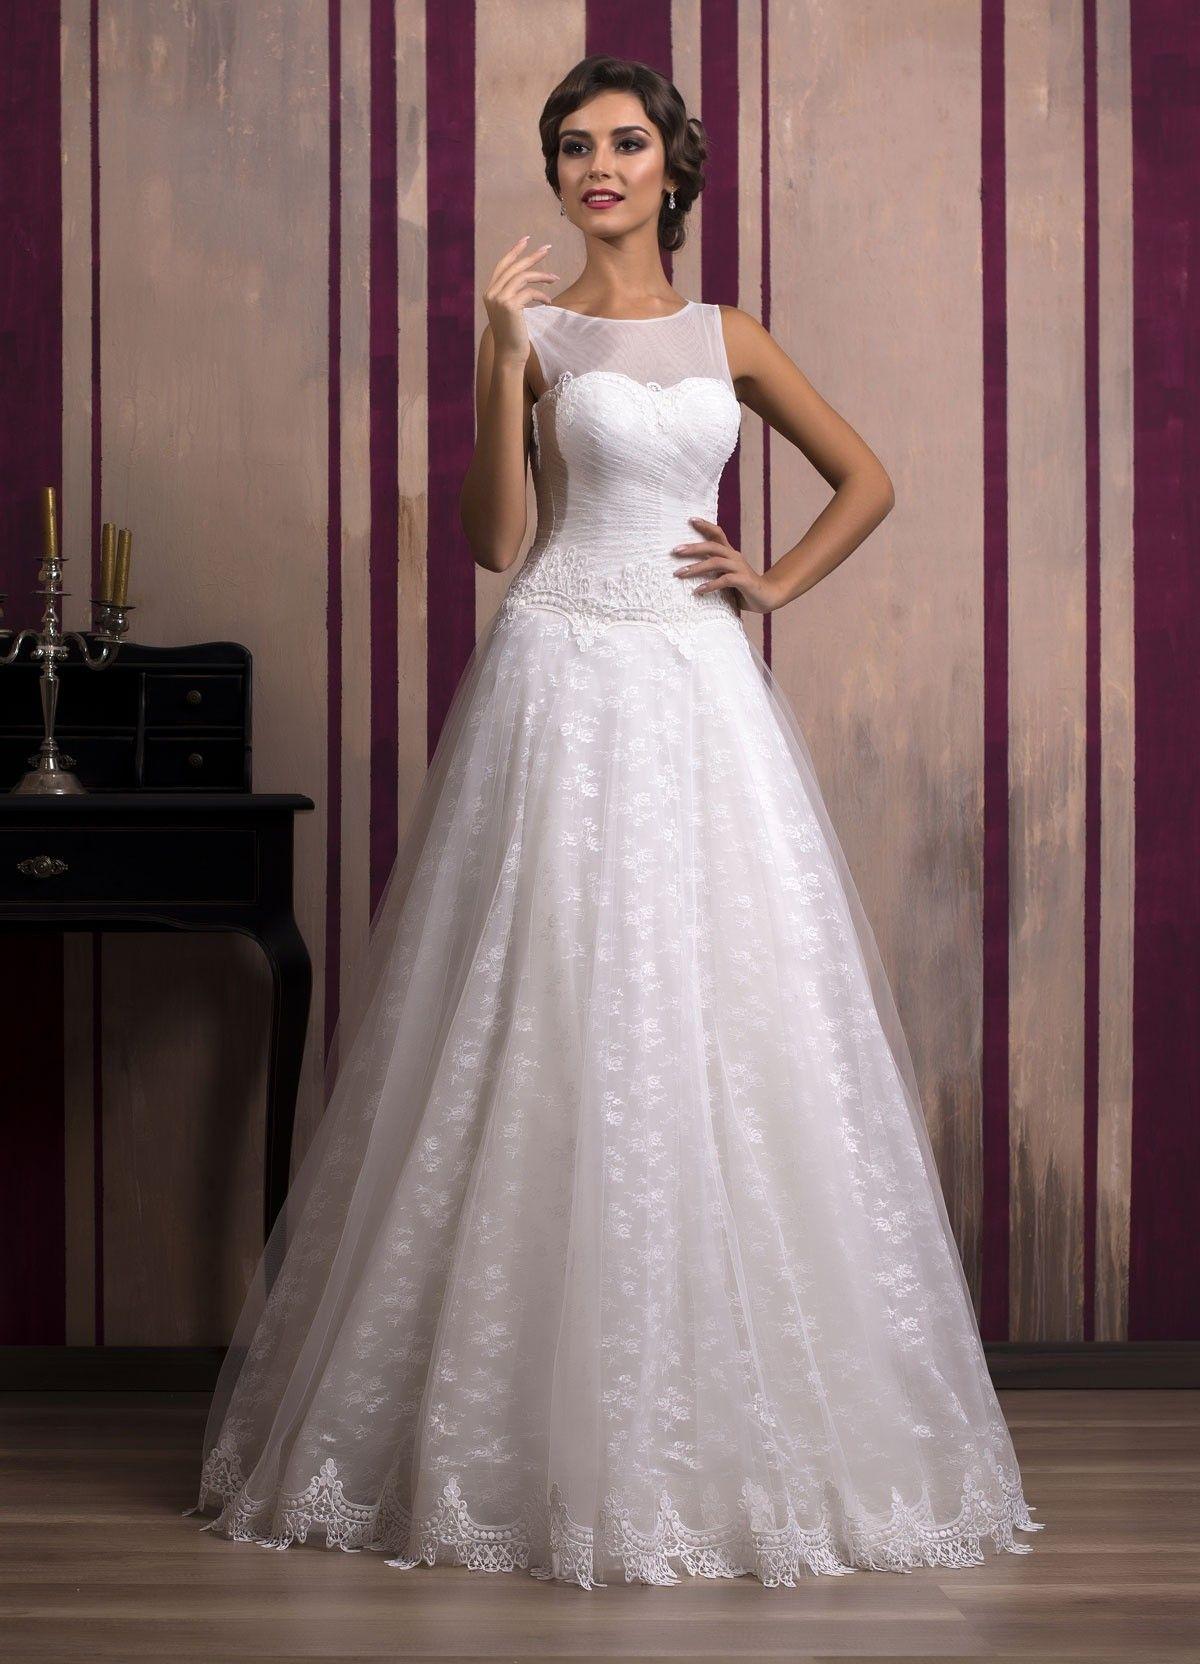 c98ca4bbf0a0 Svadobné šaty v štýle retro so širokou sukňou zdobenou čipkou ...